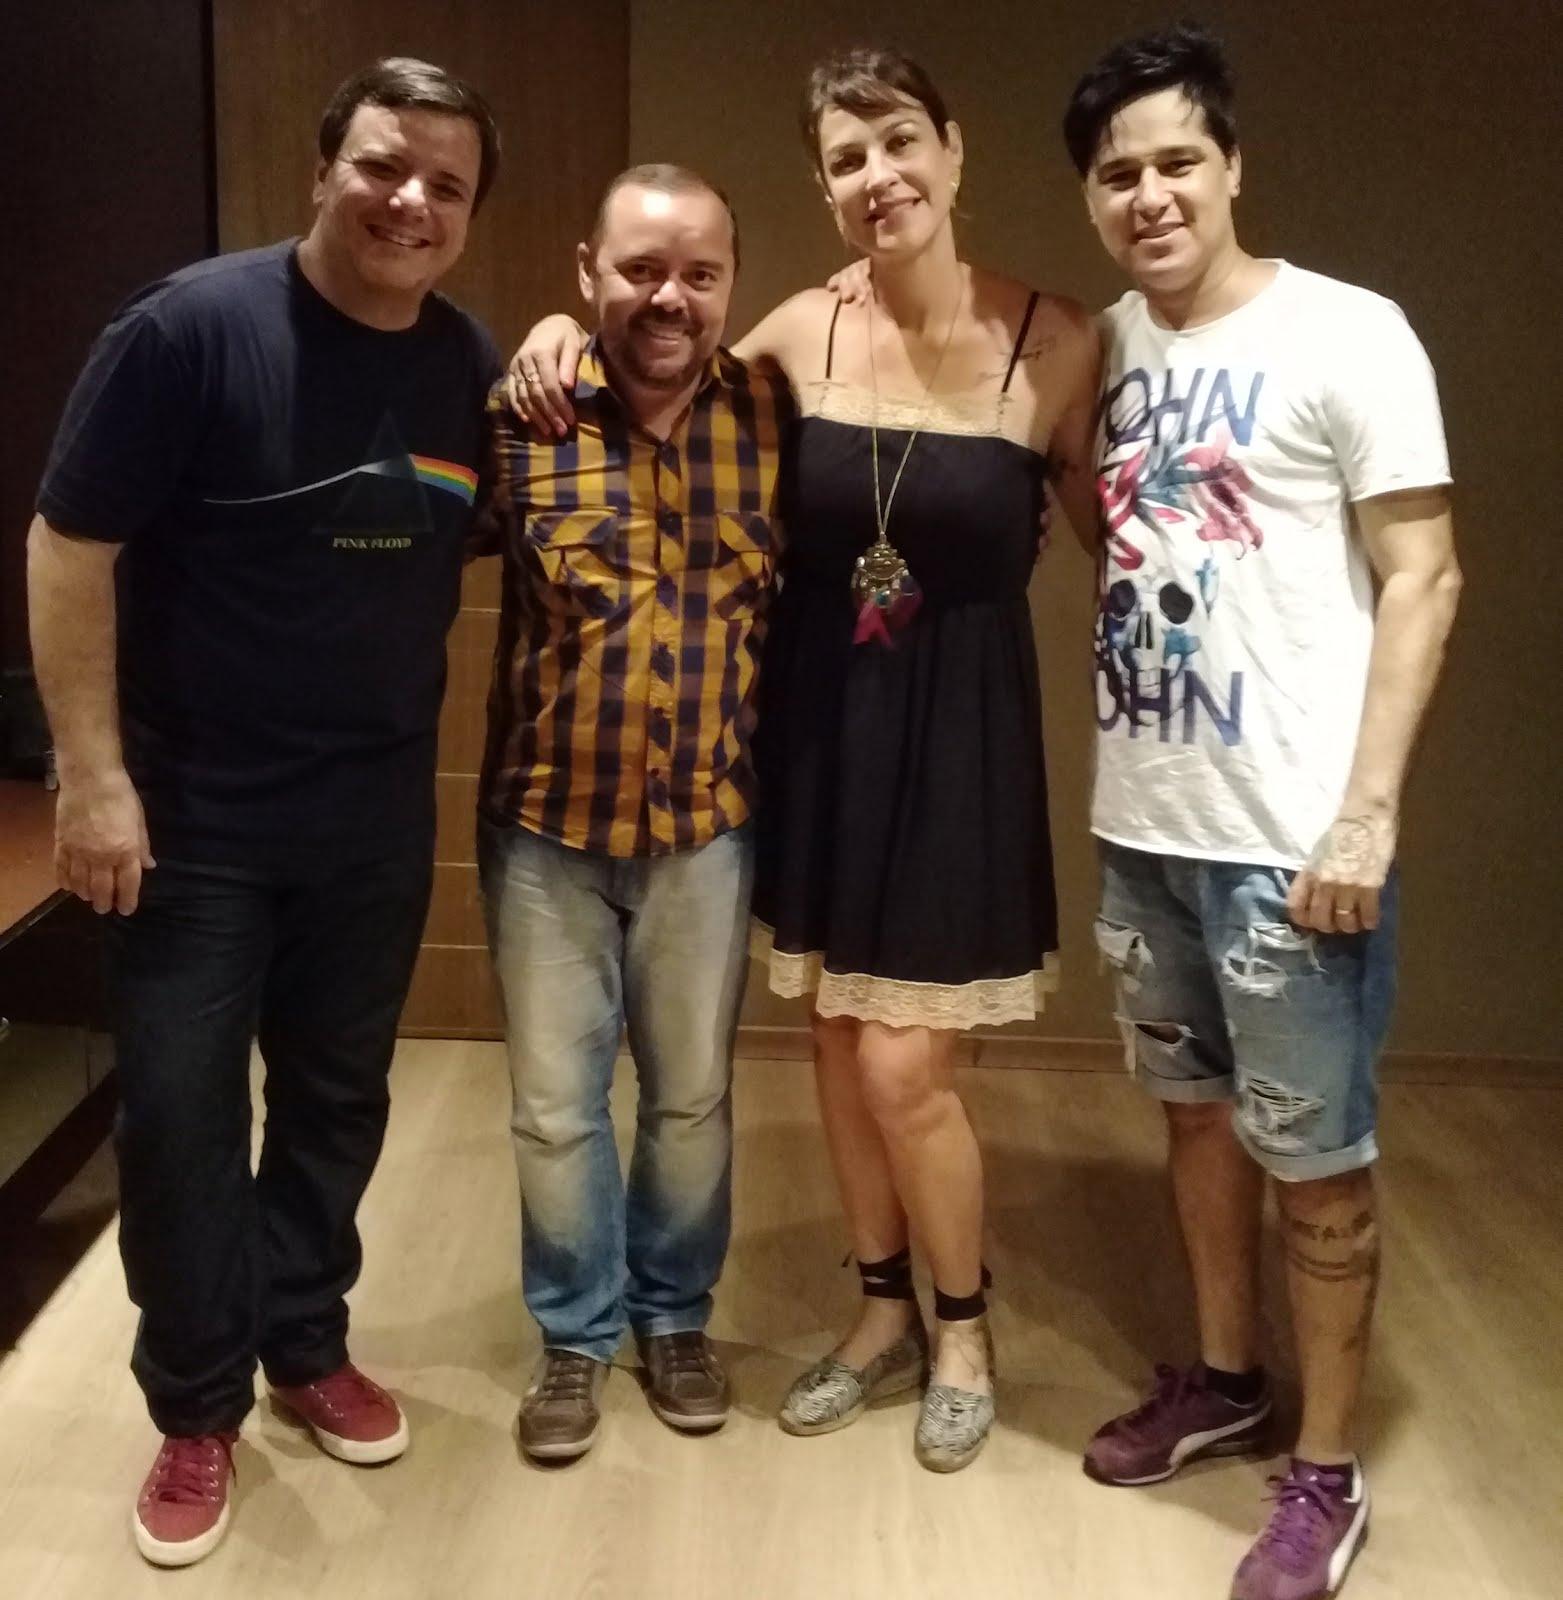 Com os atores Luana Piovani, Thelmo Fernandes e Omar Menezes